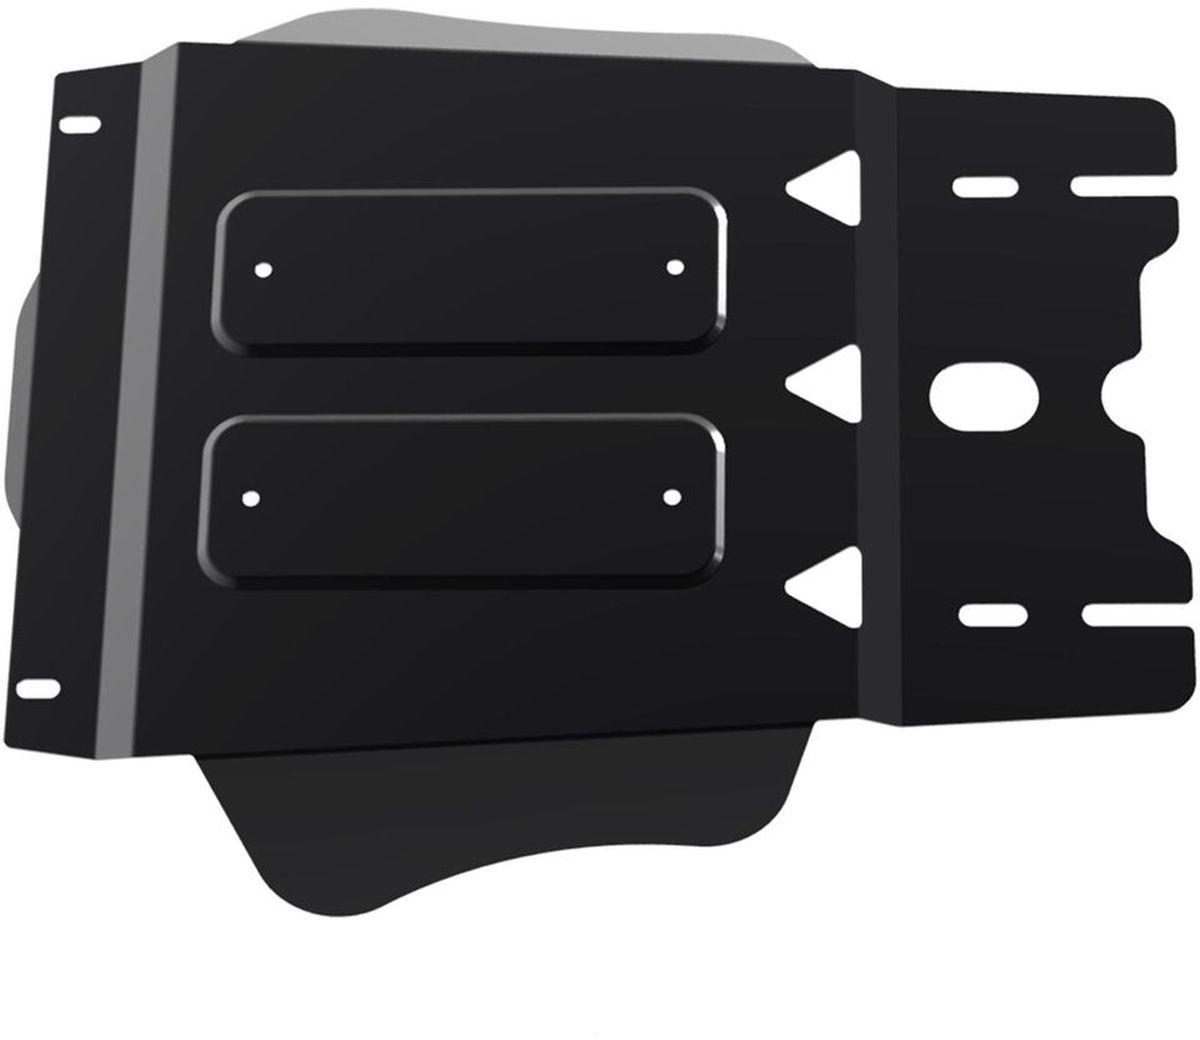 Защита КПП Автоброня, для Hyundai H1 ч.1, V - все (2007-2015; 2015-)2706 (ПО)Технологически совершенный продукт за невысокую стоимость.Защита разработана с учетом особенностей днища автомобиля, что позволяет сохранить дорожный просвет с минимальным изменением.Защита устанавливается в штатные места кузова автомобиля. Глубокий штамп обеспечивает до двух раз больше жесткости в сравнении с обычной защитой той же толщины. Проштампованные ребра жесткости препятствуют деформации защиты при ударах.Тепловой зазор и вентиляционные отверстия обеспечивают сохранение температурного режима двигателя в норме. Скрытый крепеж предотвращает срыв крепежных элементов при наезде на препятствие.Шумопоглощающие резиновые элементы обеспечивают комфортную езду без вибраций и скрежета металла, а съемные лючки для слива масла и замены фильтра - экономию средств и время.Конструкция изделия не влияет на пассивную безопасность автомобиля (при ударе защита не воздействует на деформационные зоны кузова). Со штатным крепежом. В комплекте инструкция по установке.Толщина стали: 2 мм.Уважаемые клиенты!Обращаем ваше внимание, что элемент защиты имеет форму, соответствующую модели данного автомобиля. Фото служит для визуального восприятия товара и может отличаться от фактического.